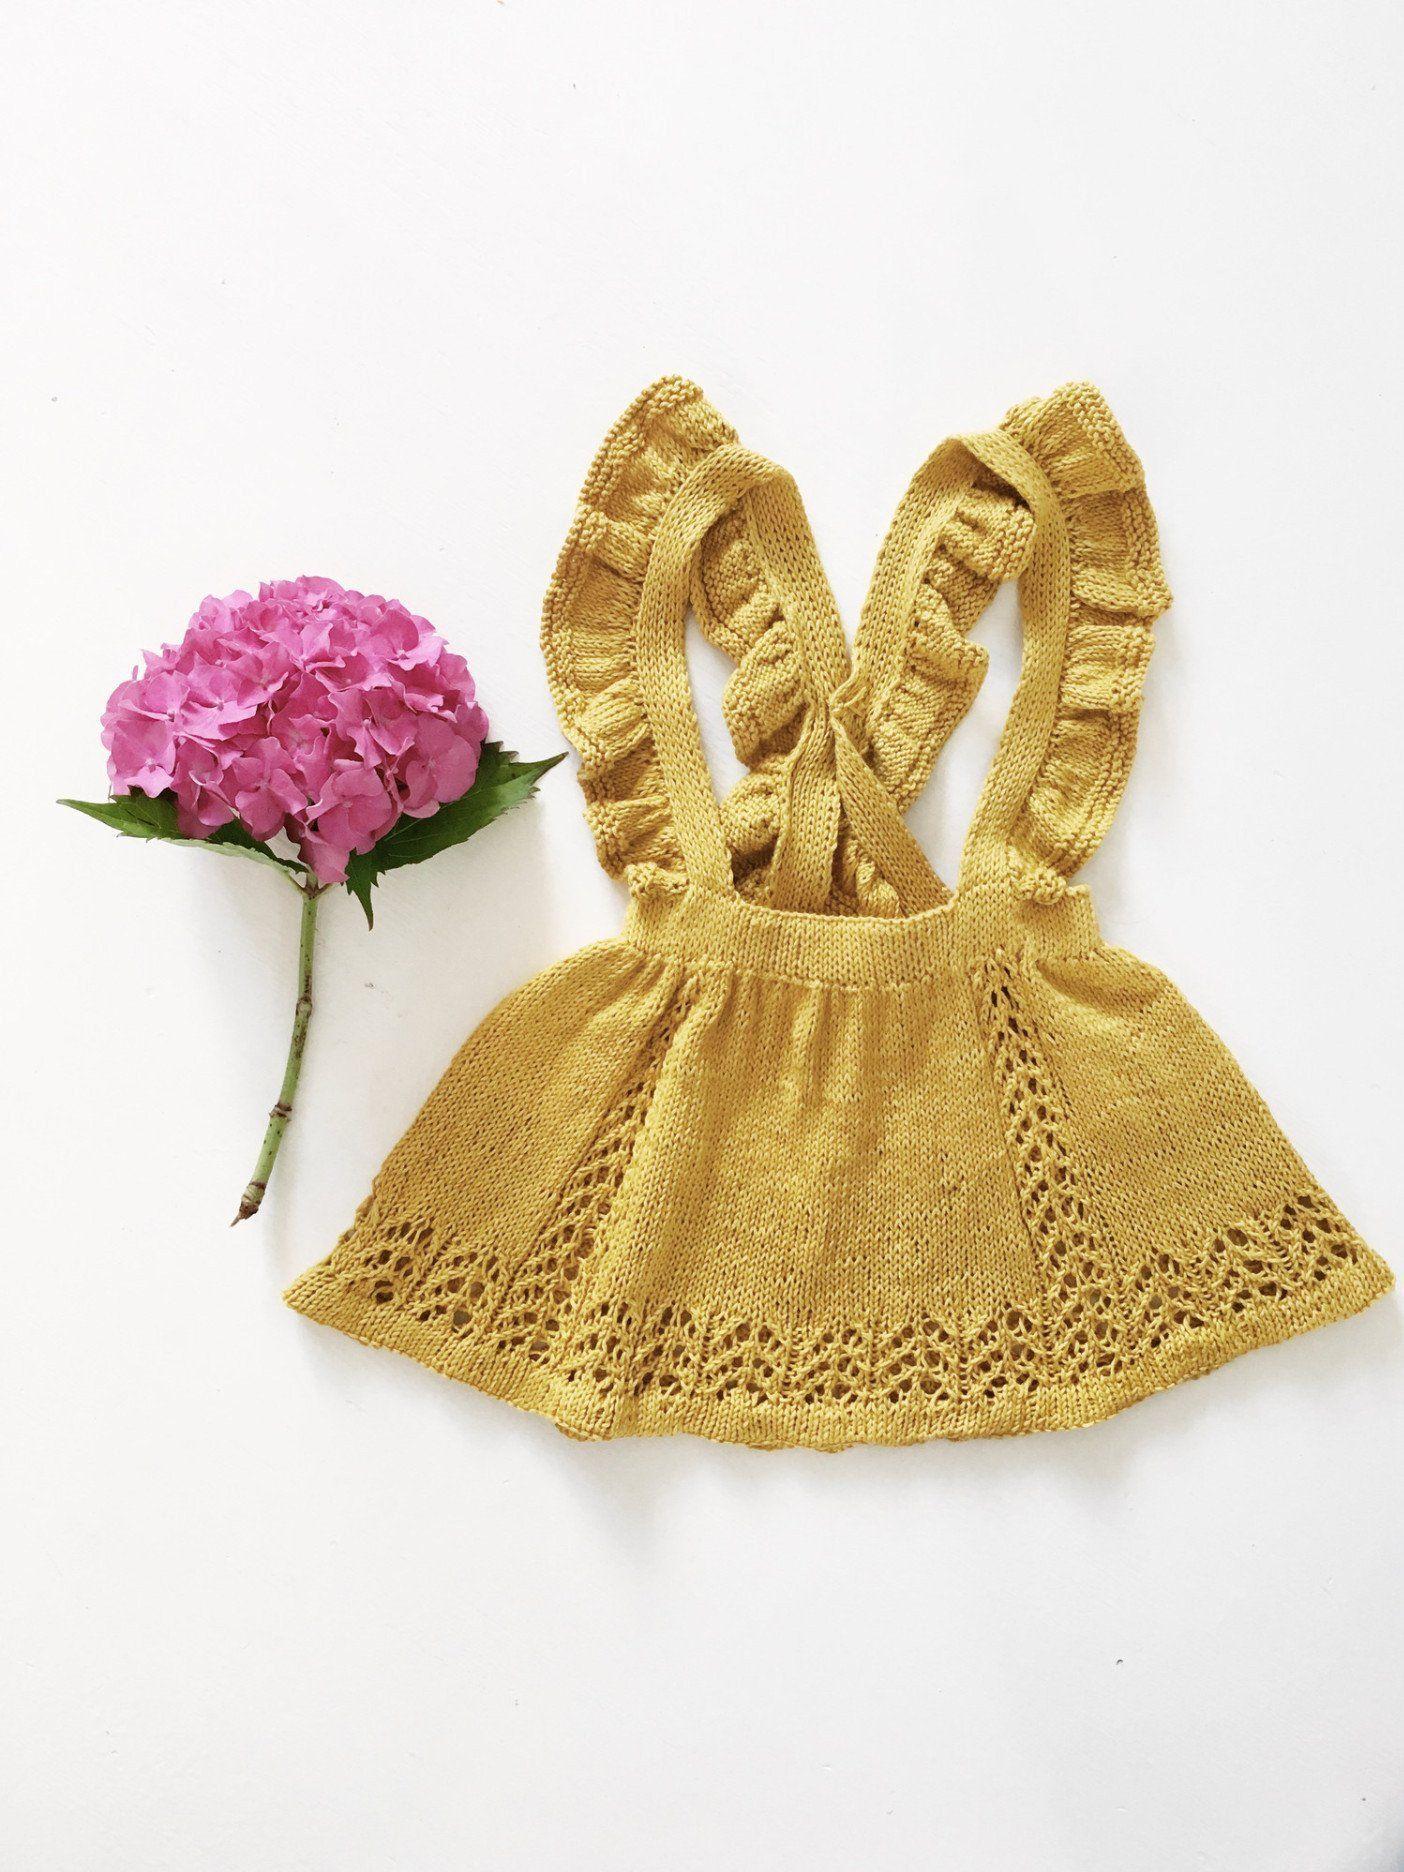 Annes ruffle skirt knitting pattern | Baby Knits | Pinterest | Skirt ...